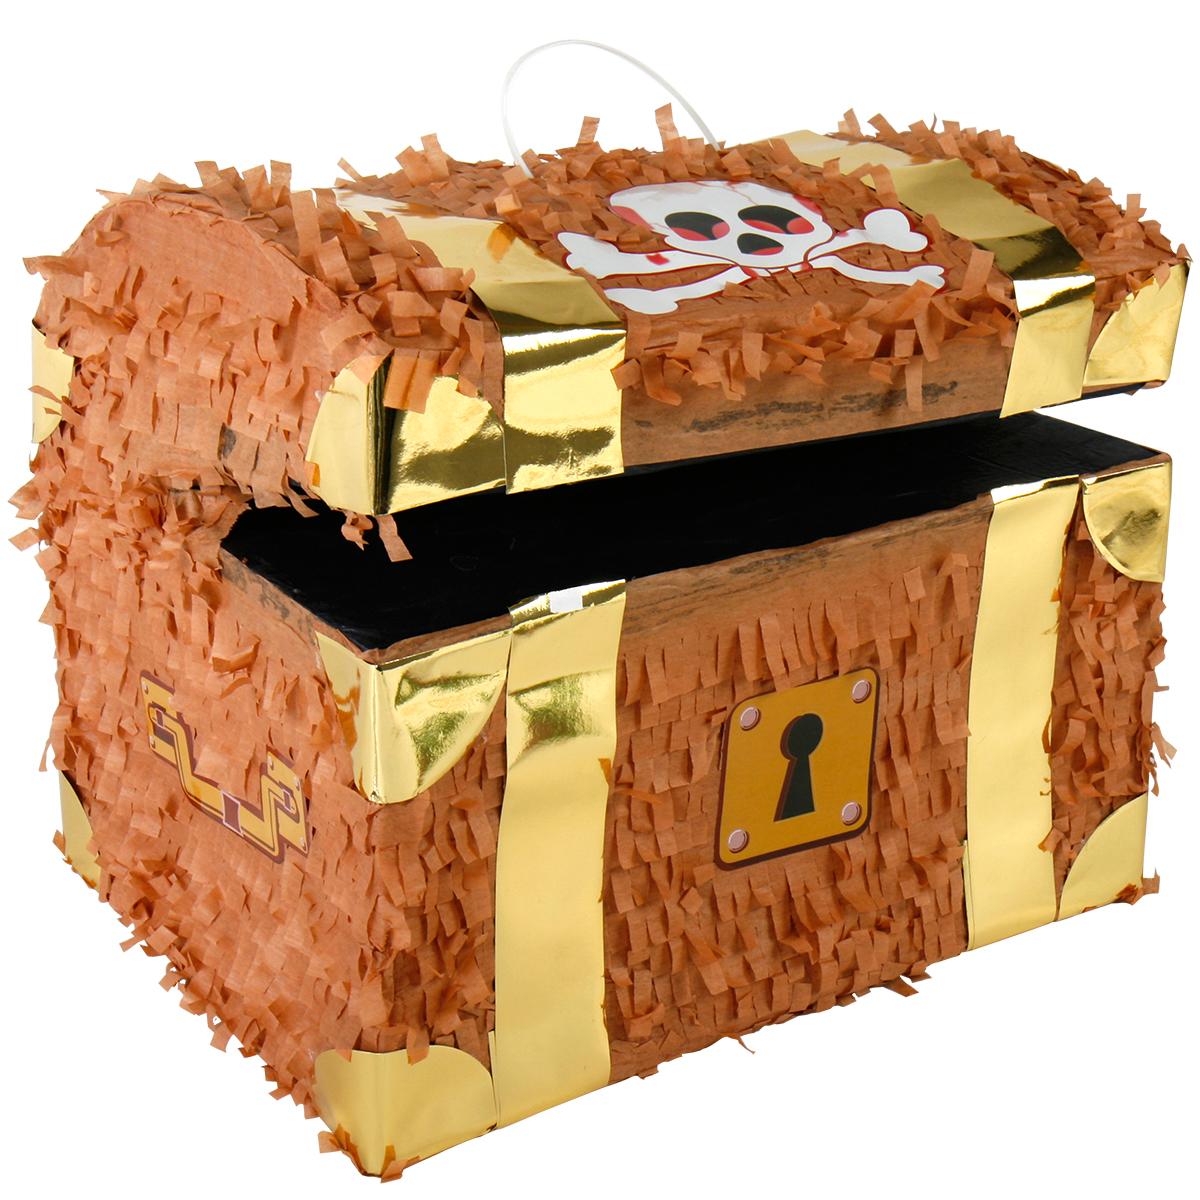 pinata piraten schatztruhe aus pappmache xxl annastore. Black Bedroom Furniture Sets. Home Design Ideas